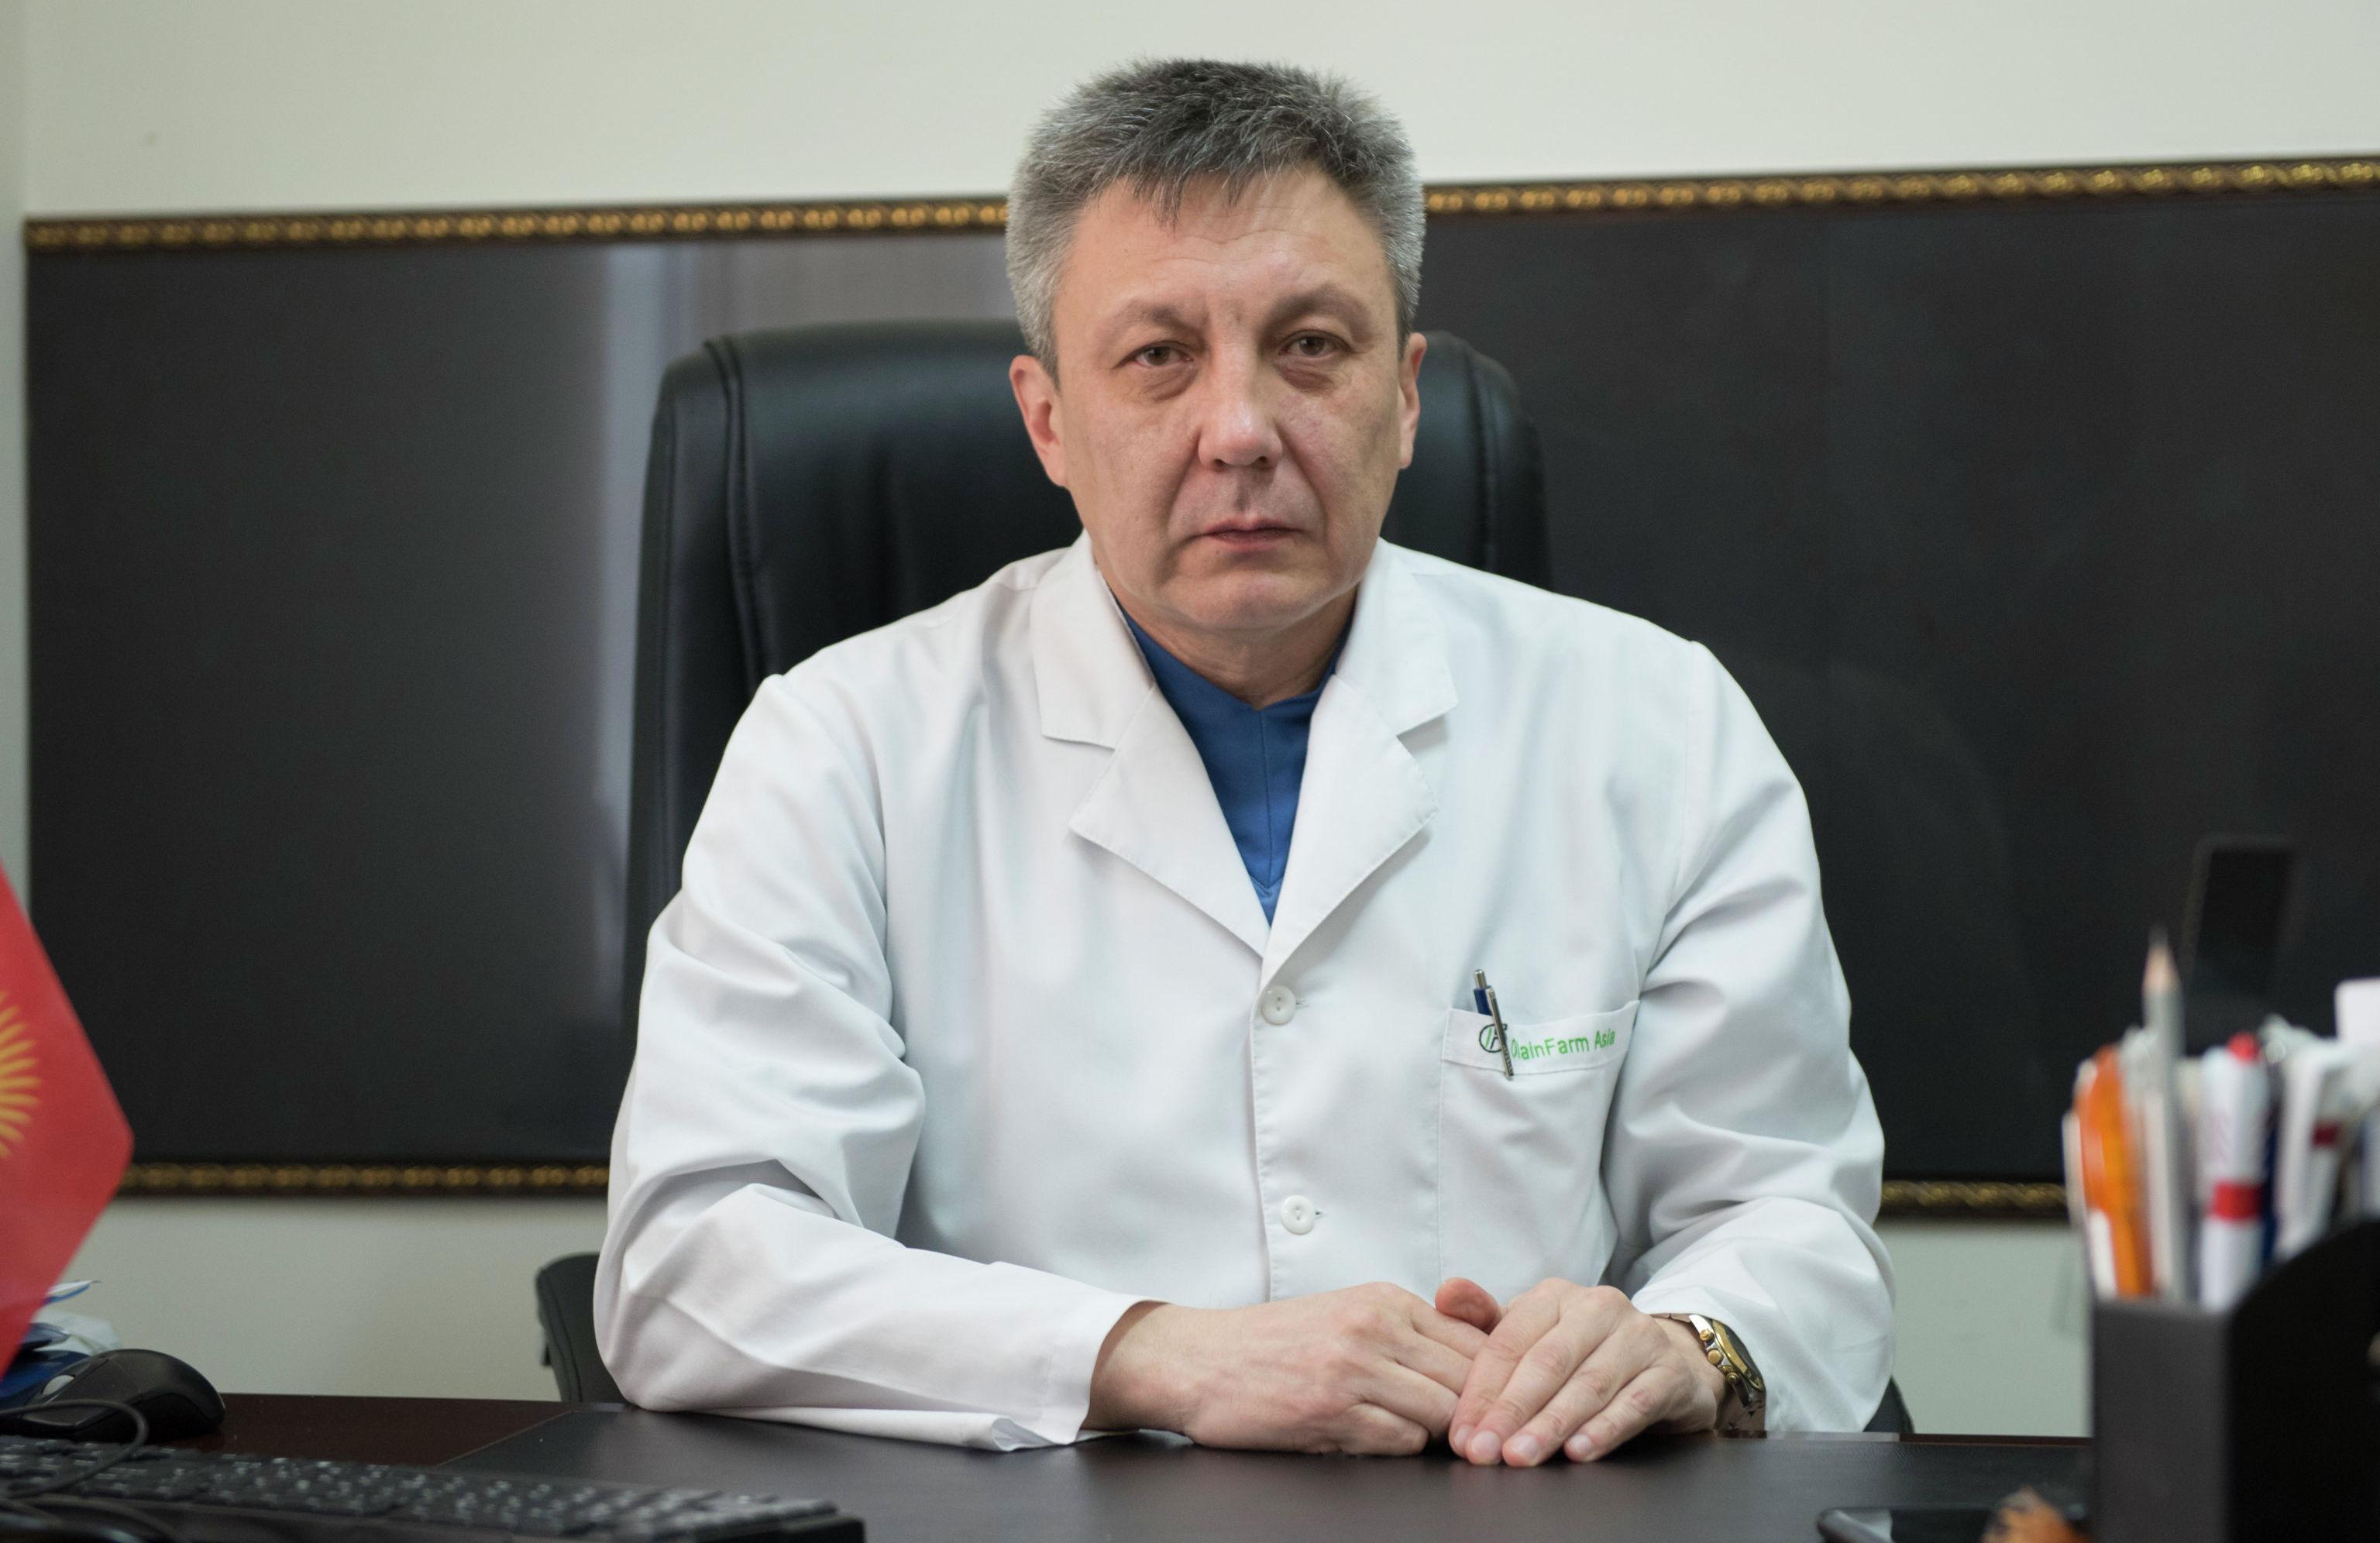 Руководитель отдела Маммологии Национального центра онкологии Дамир Абдылдаев